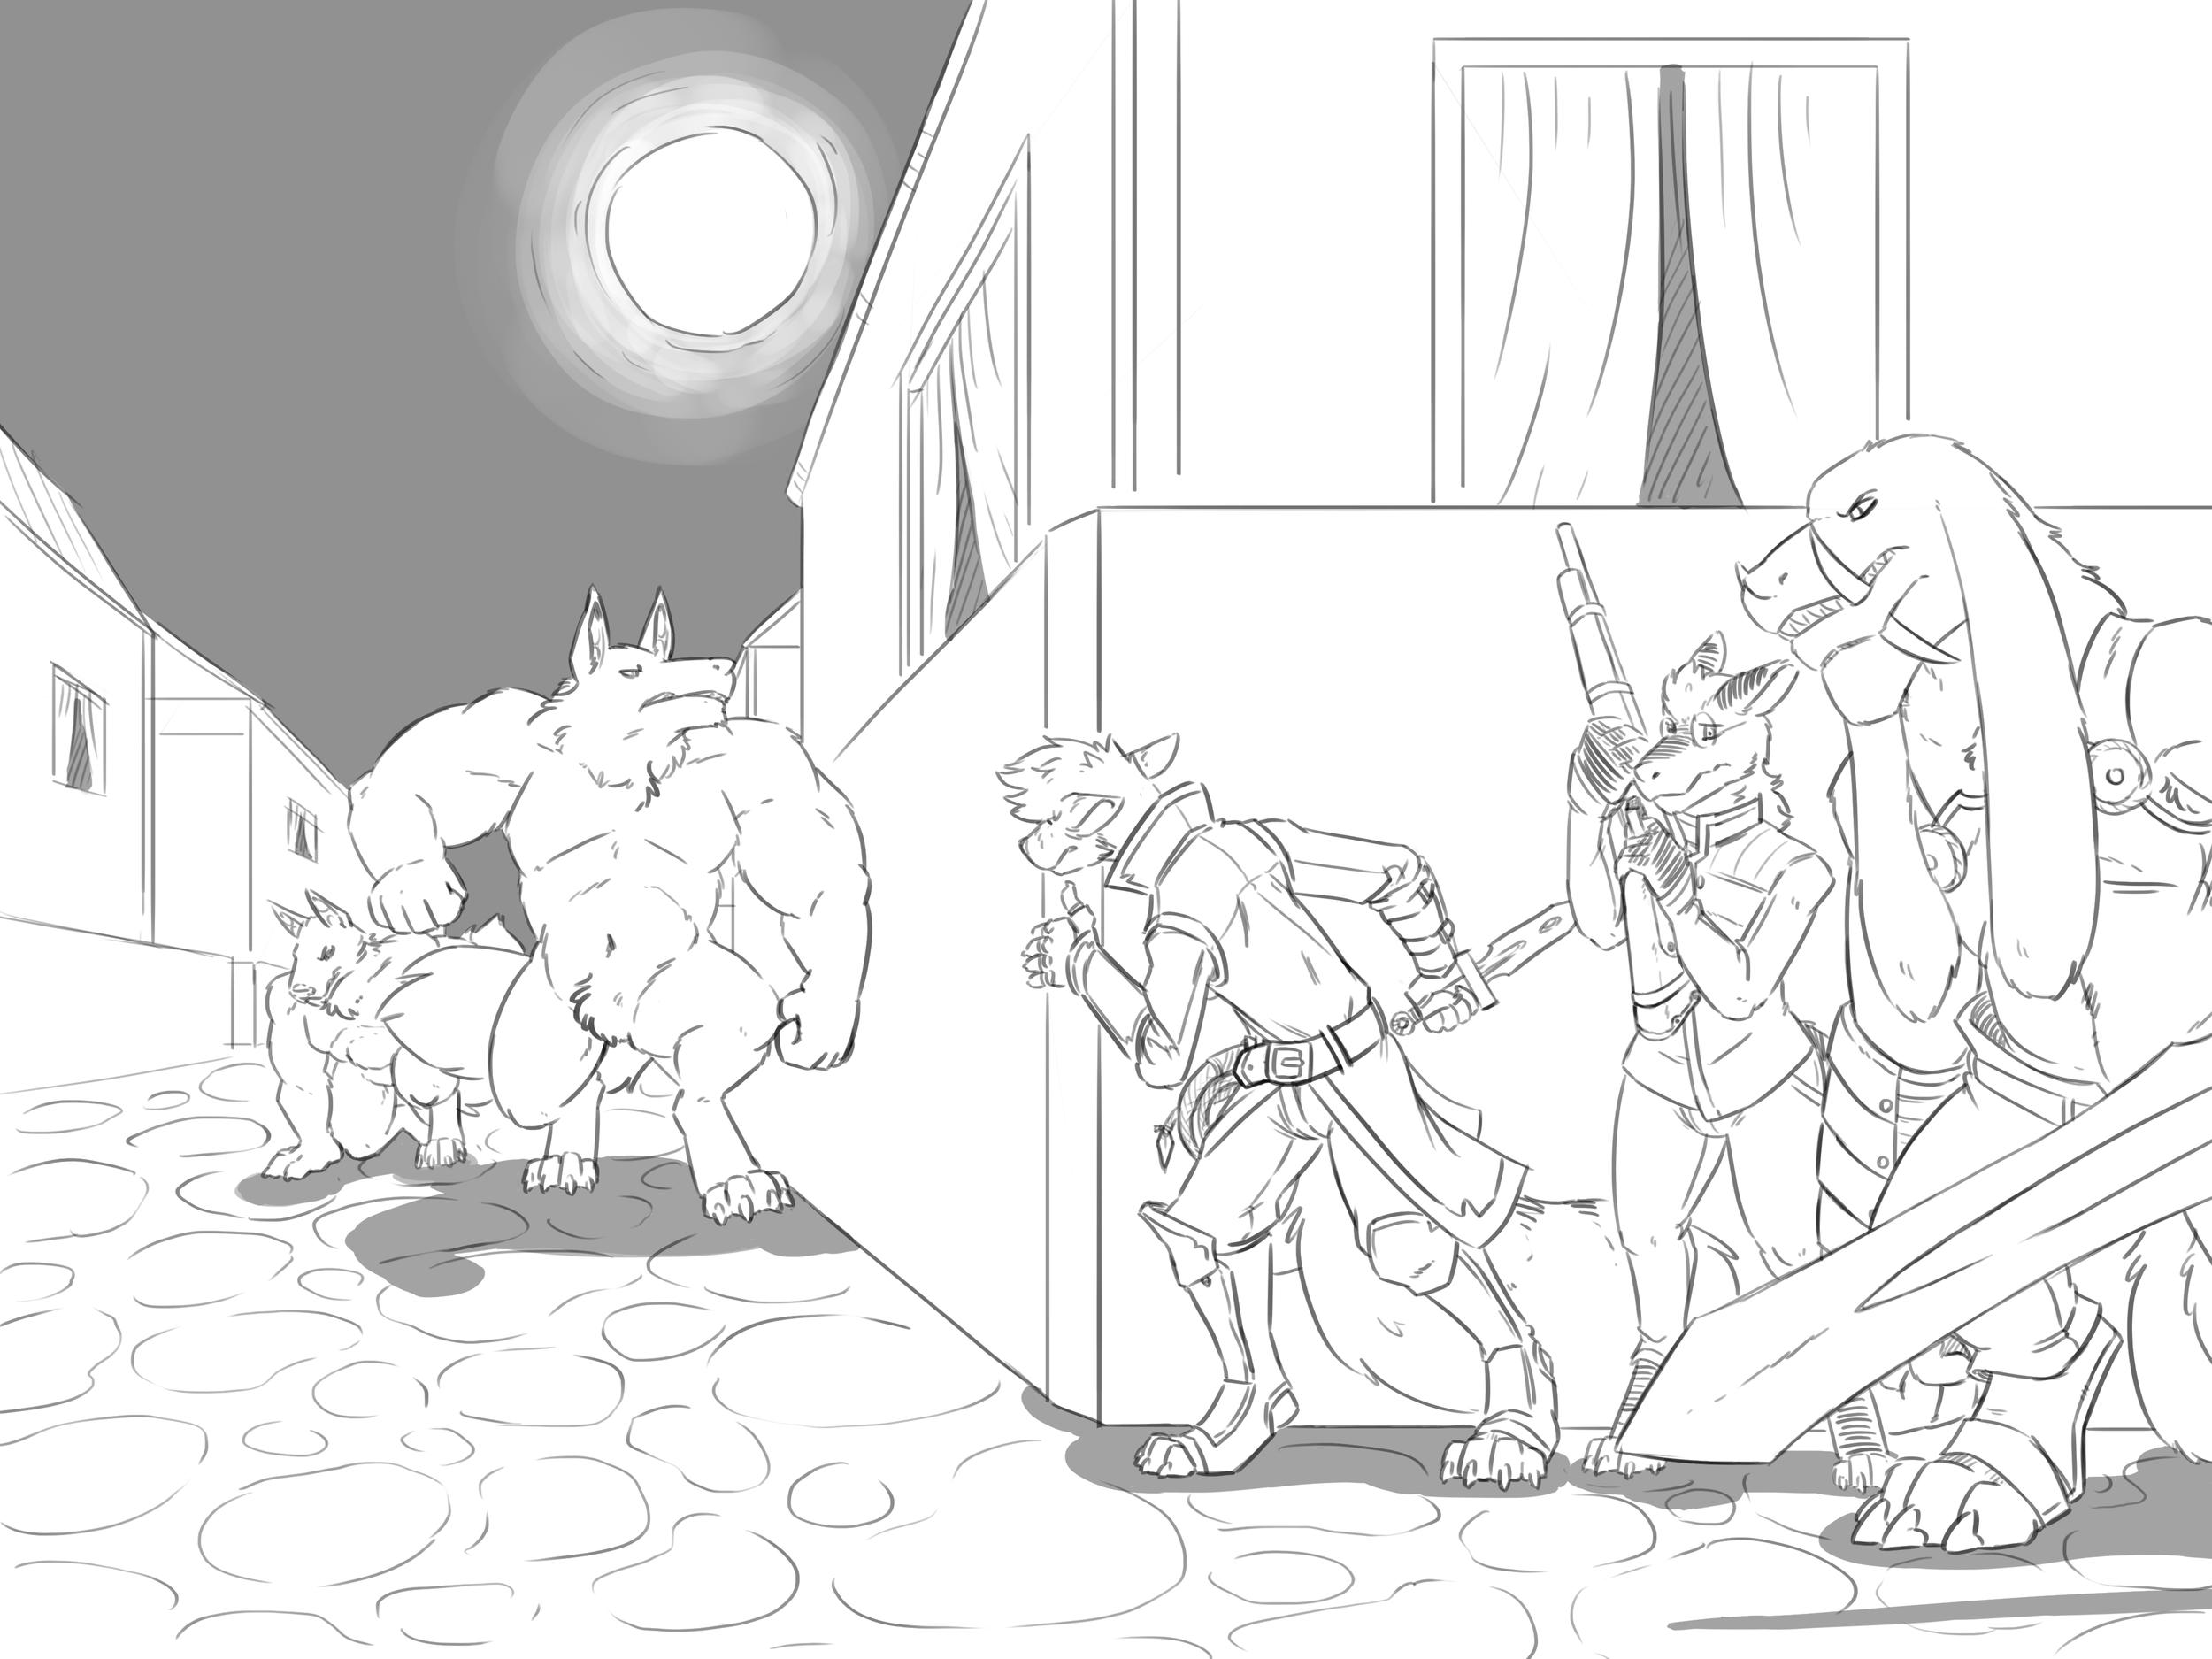 werewolfstalking.png